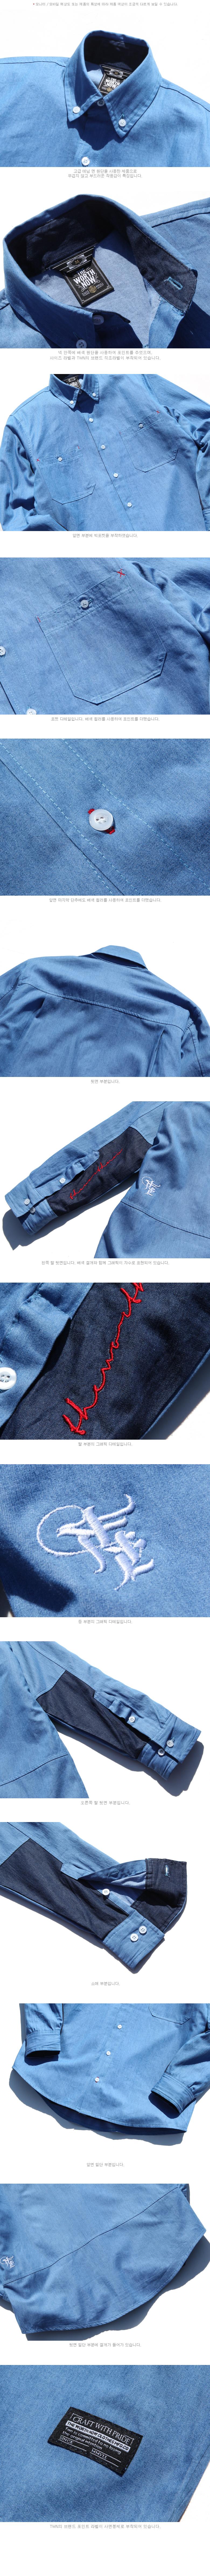 [티떠블유엔] 커트라인 셔츠 2종 STLS3044